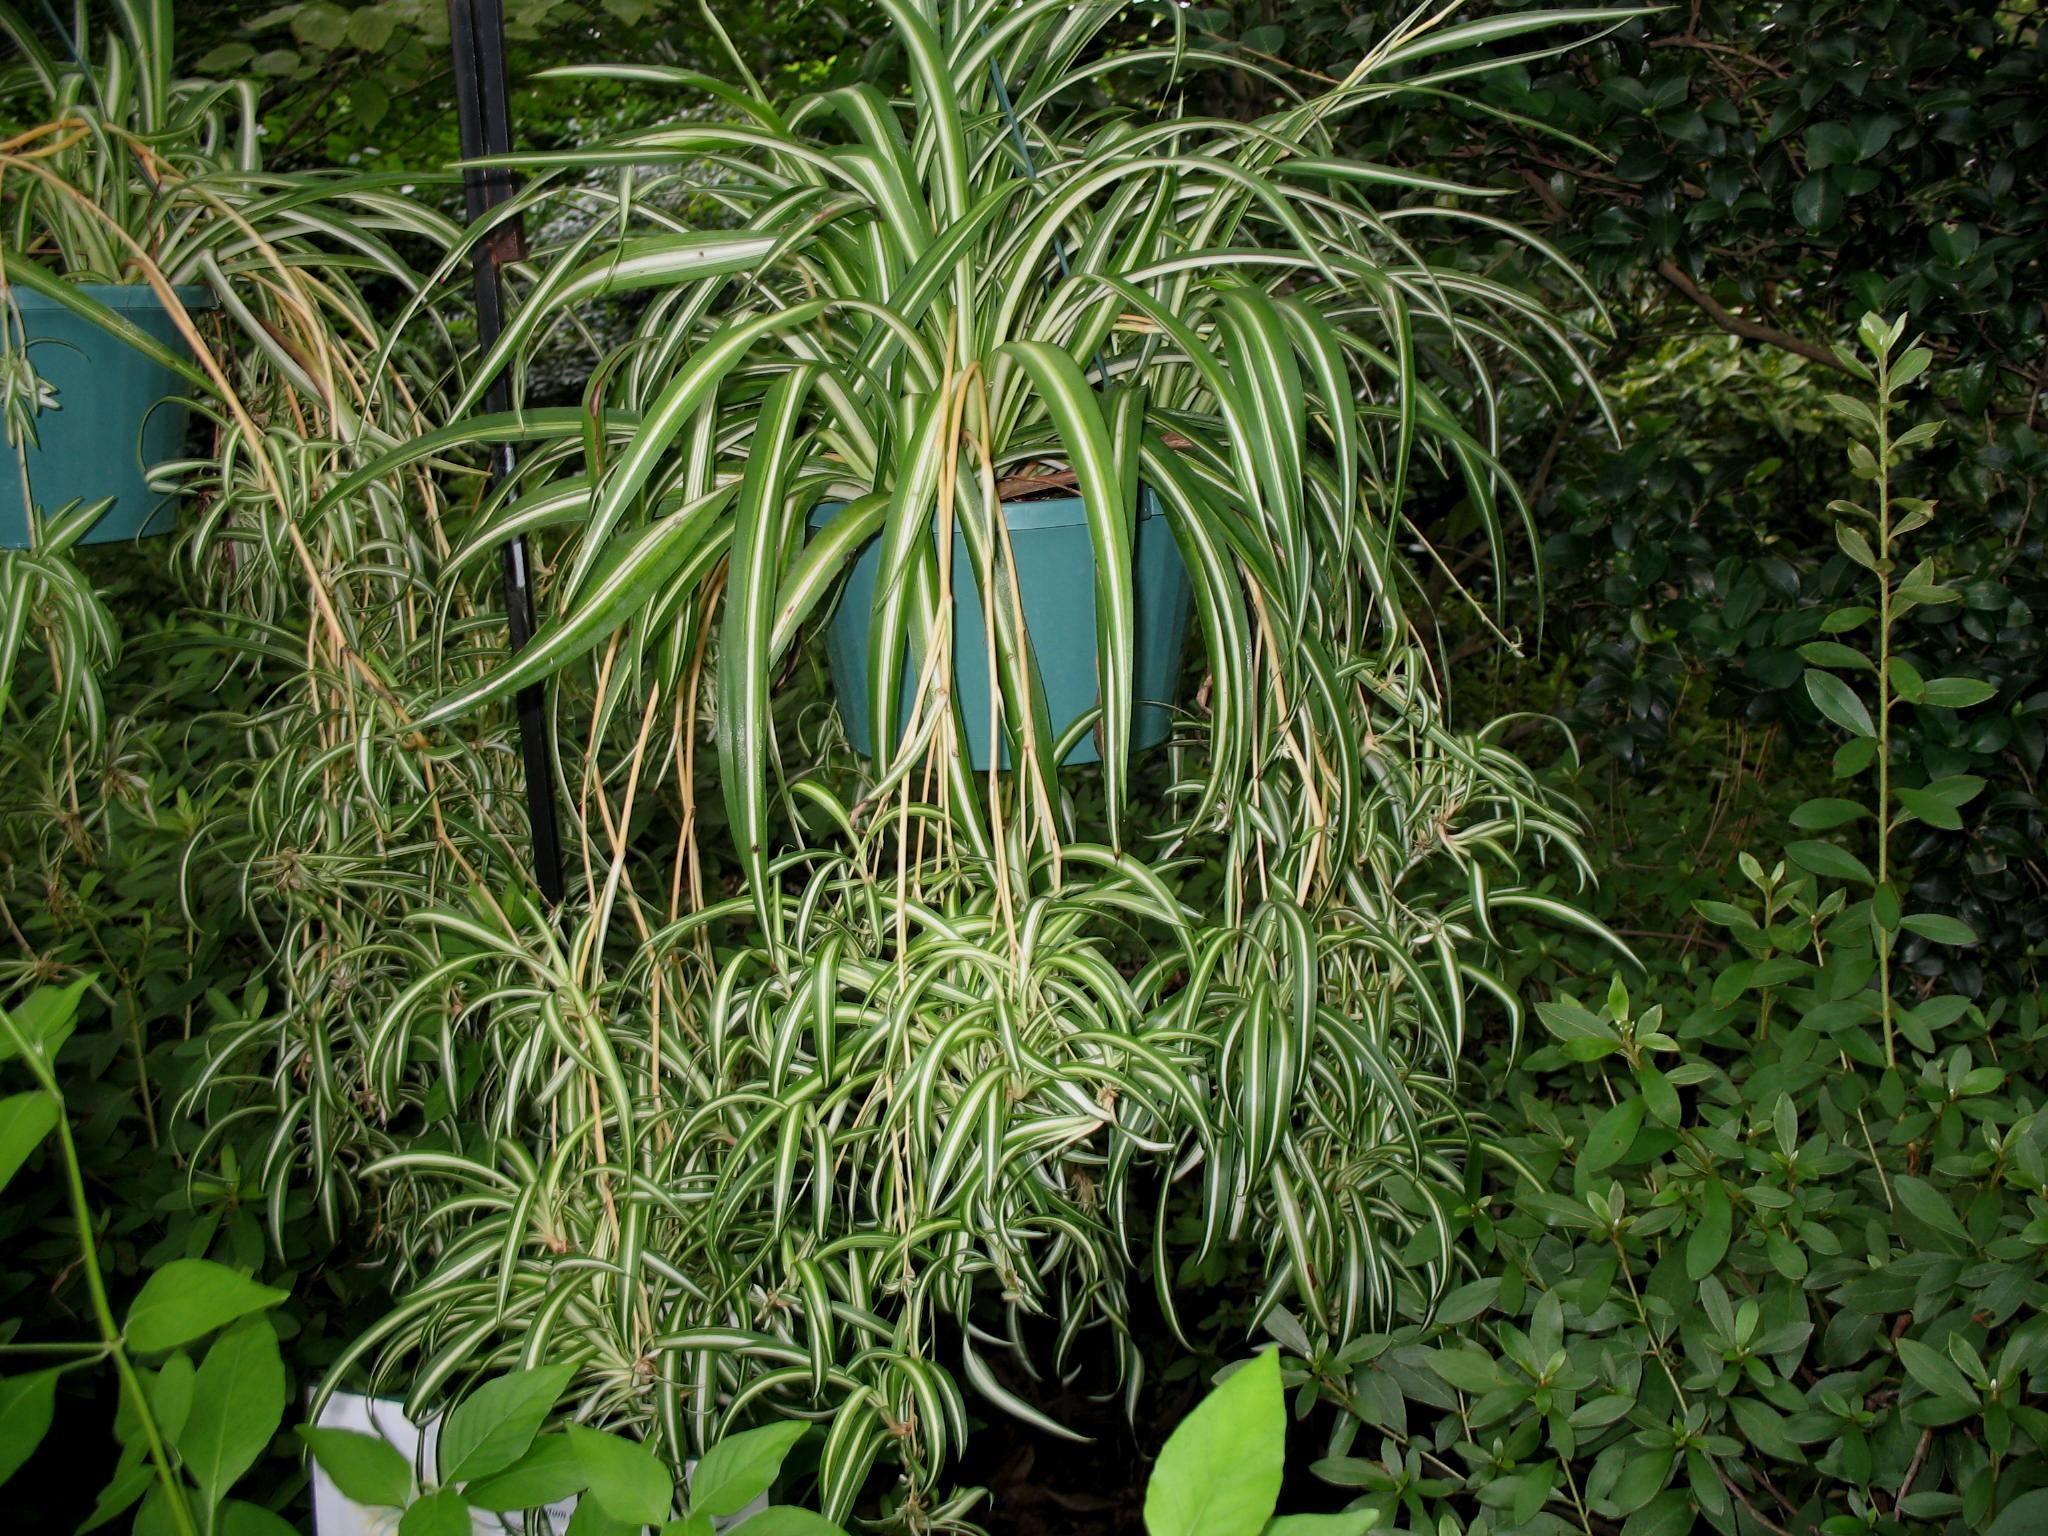 Chlorophytum comosum 'Vittatum' / Chlorophytum comosum 'Vittatum'